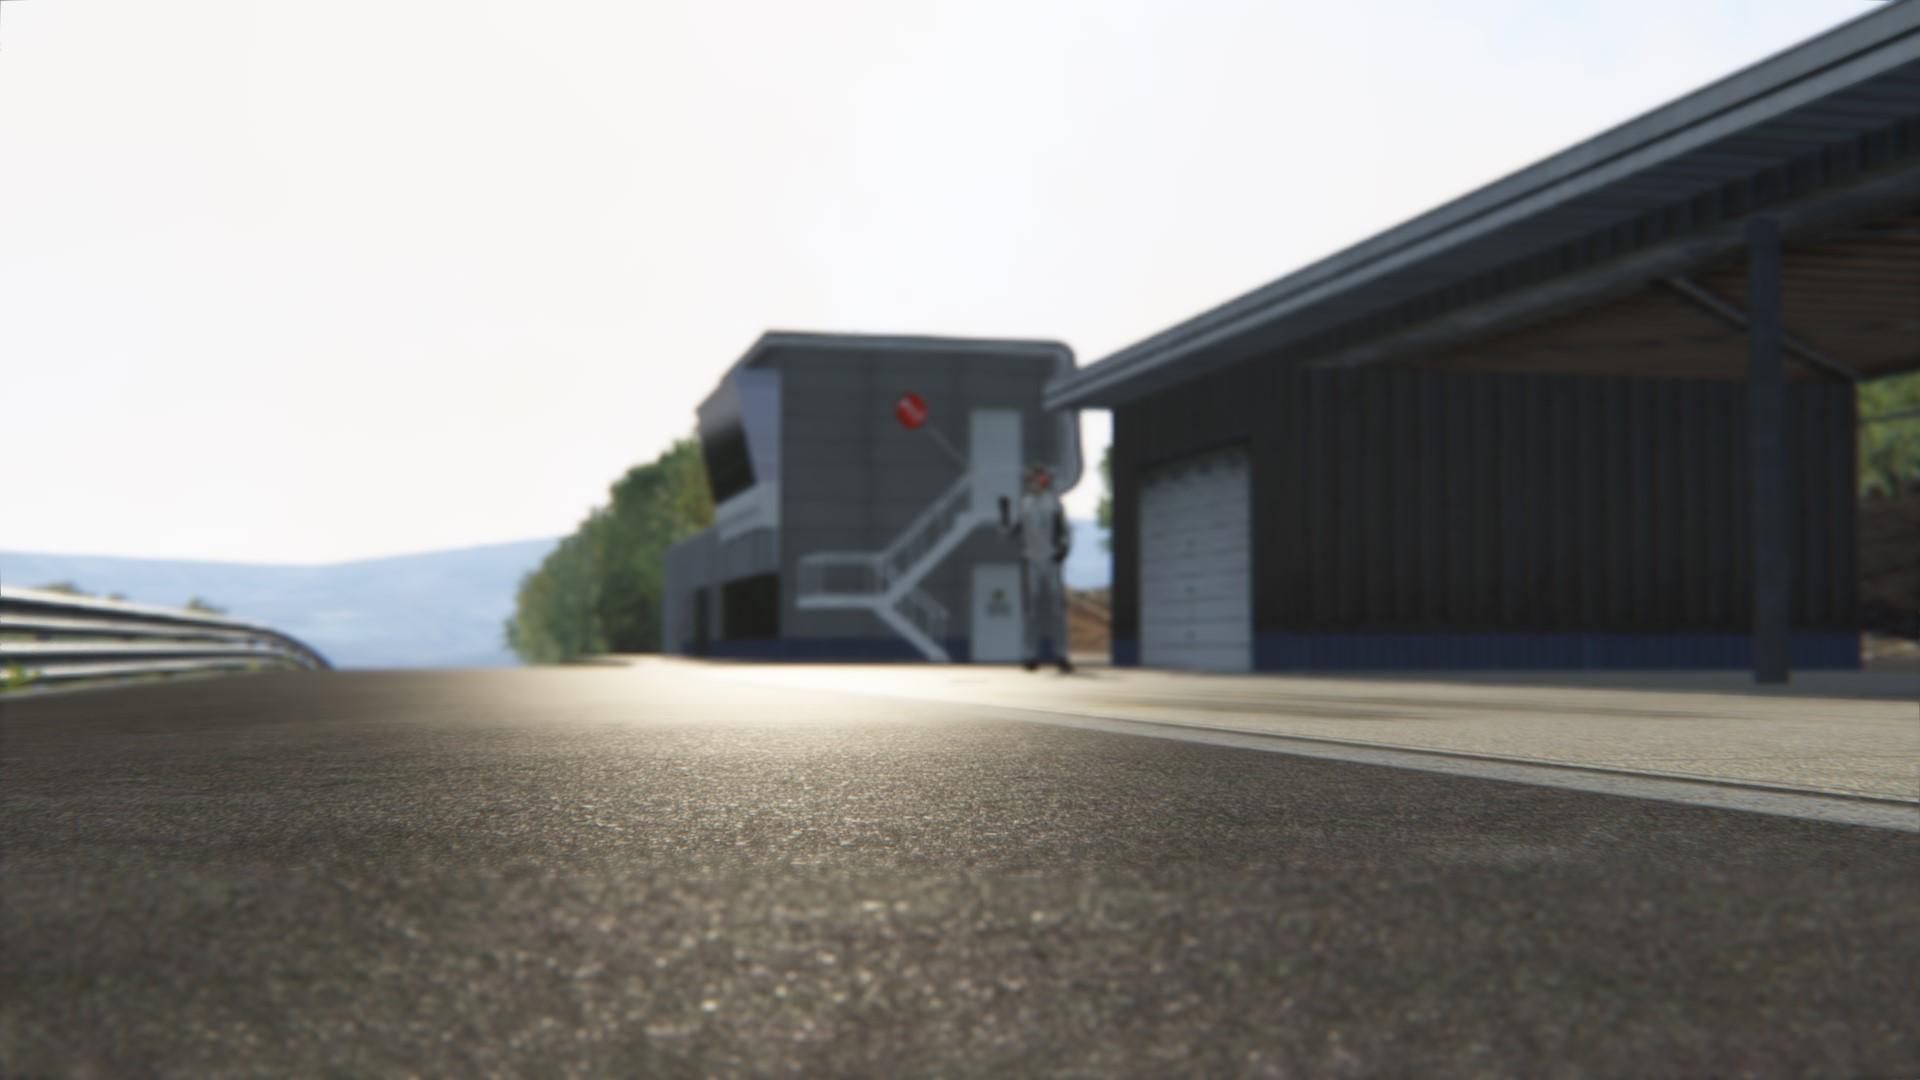 Screenshot_renault_meg250_fuji_speedway_short_5-4-116-16-22-1.jpg